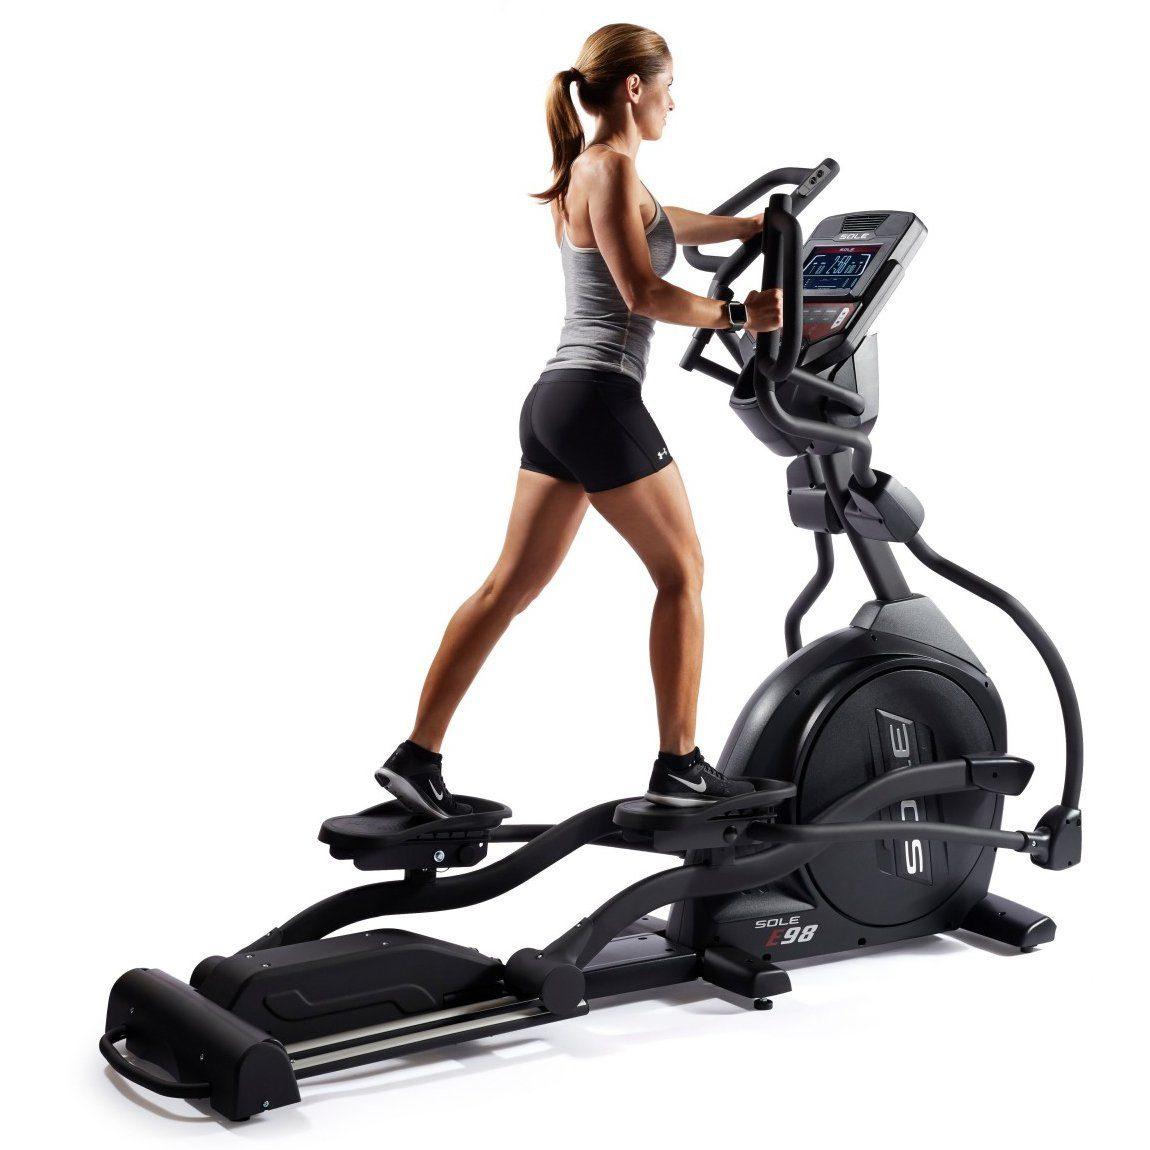 Что лучше выбрать для похудения беговую дорожку или эллиптический тренажер: отличия и программы тренировок для жиросжигания